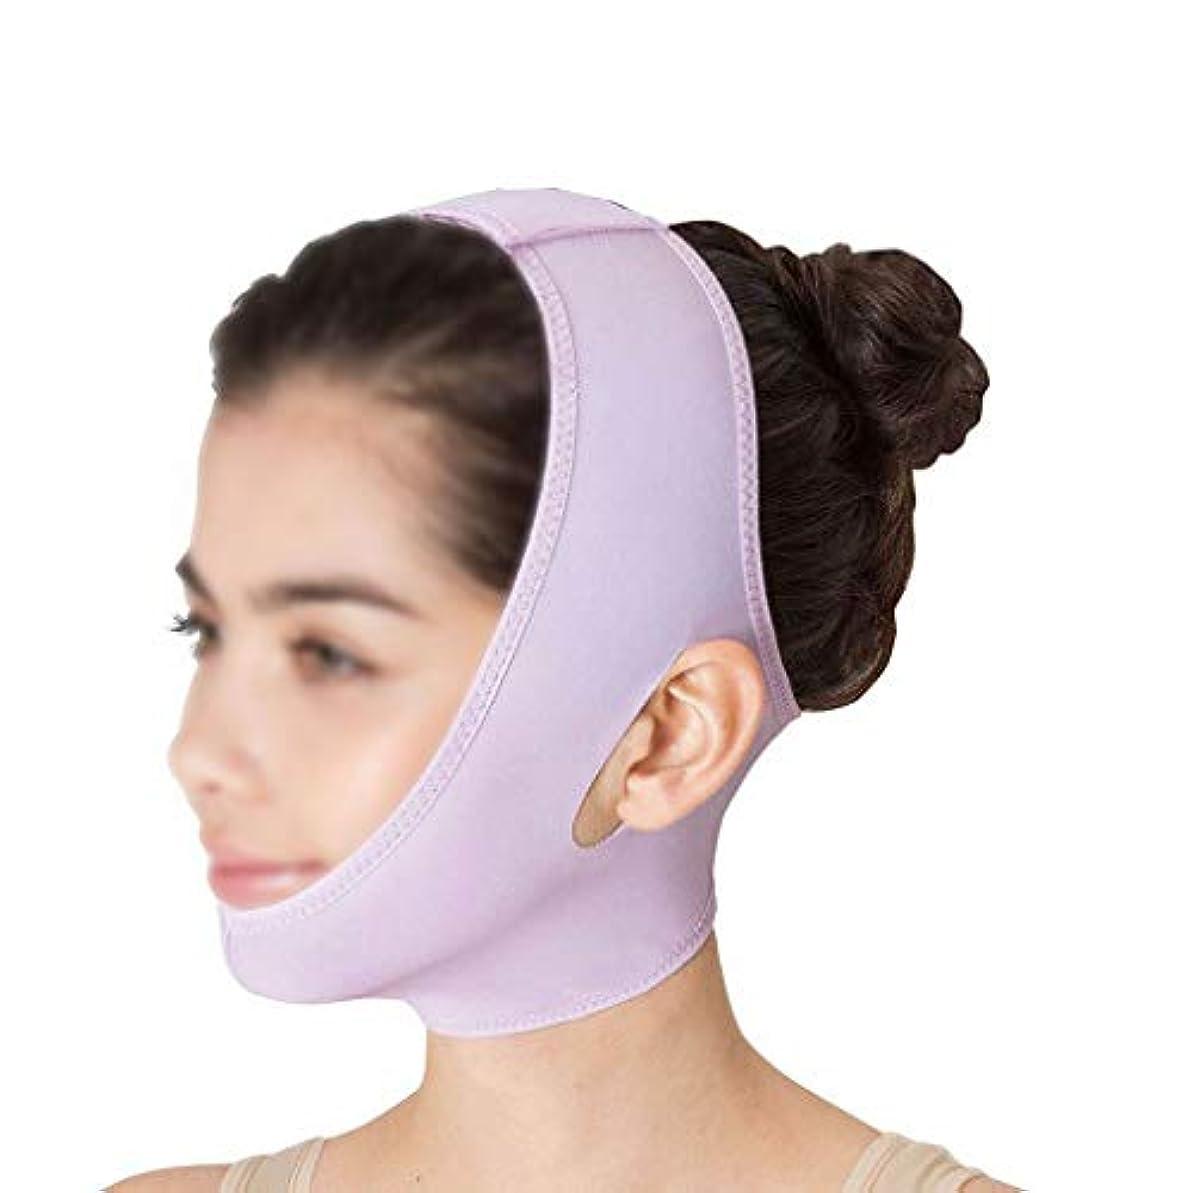 短命地域の身元GLJJQMY 薄いマスク通気性ビーム面薄い二重あごは、小さなV面を作成するために頬睡眠マスクを防ぎます 顔用整形マスク